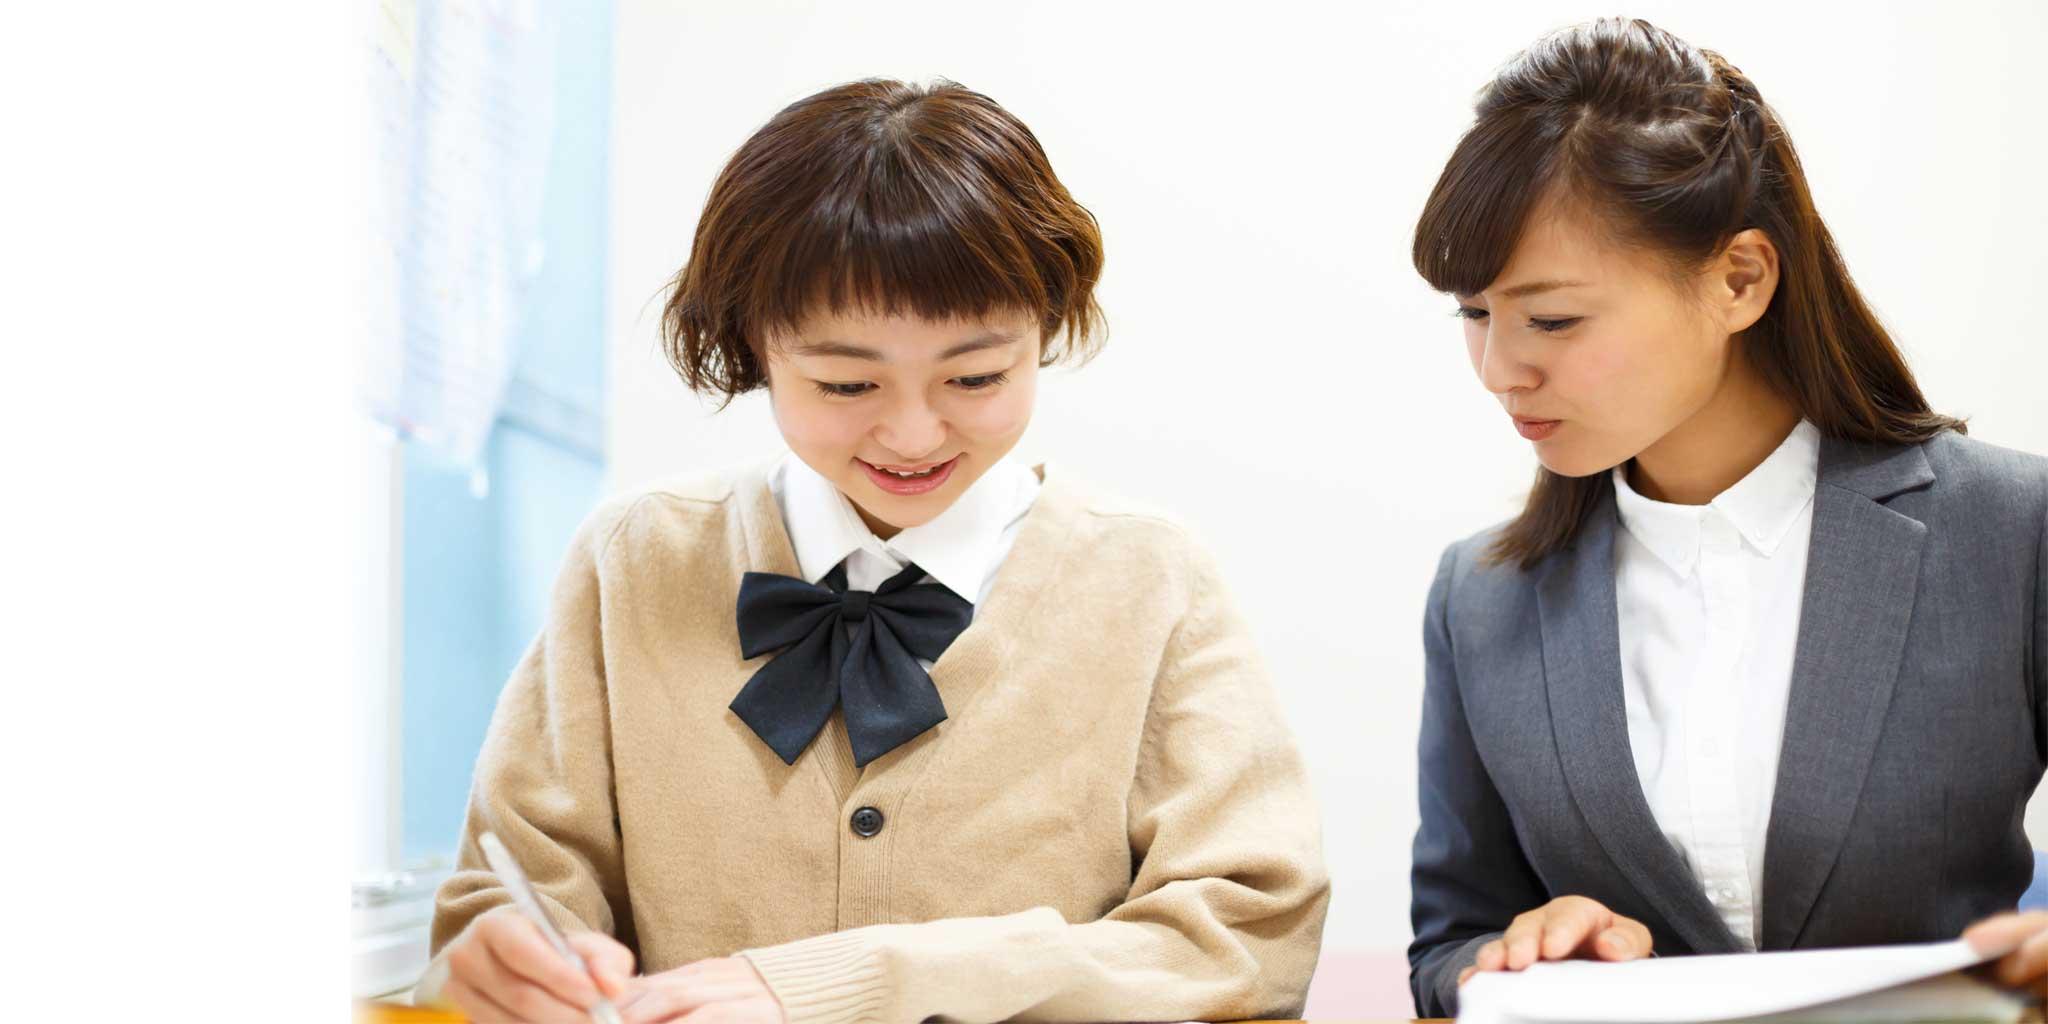 精華学園高等学校 東京ボイス校:東京ボイス校の個別指導